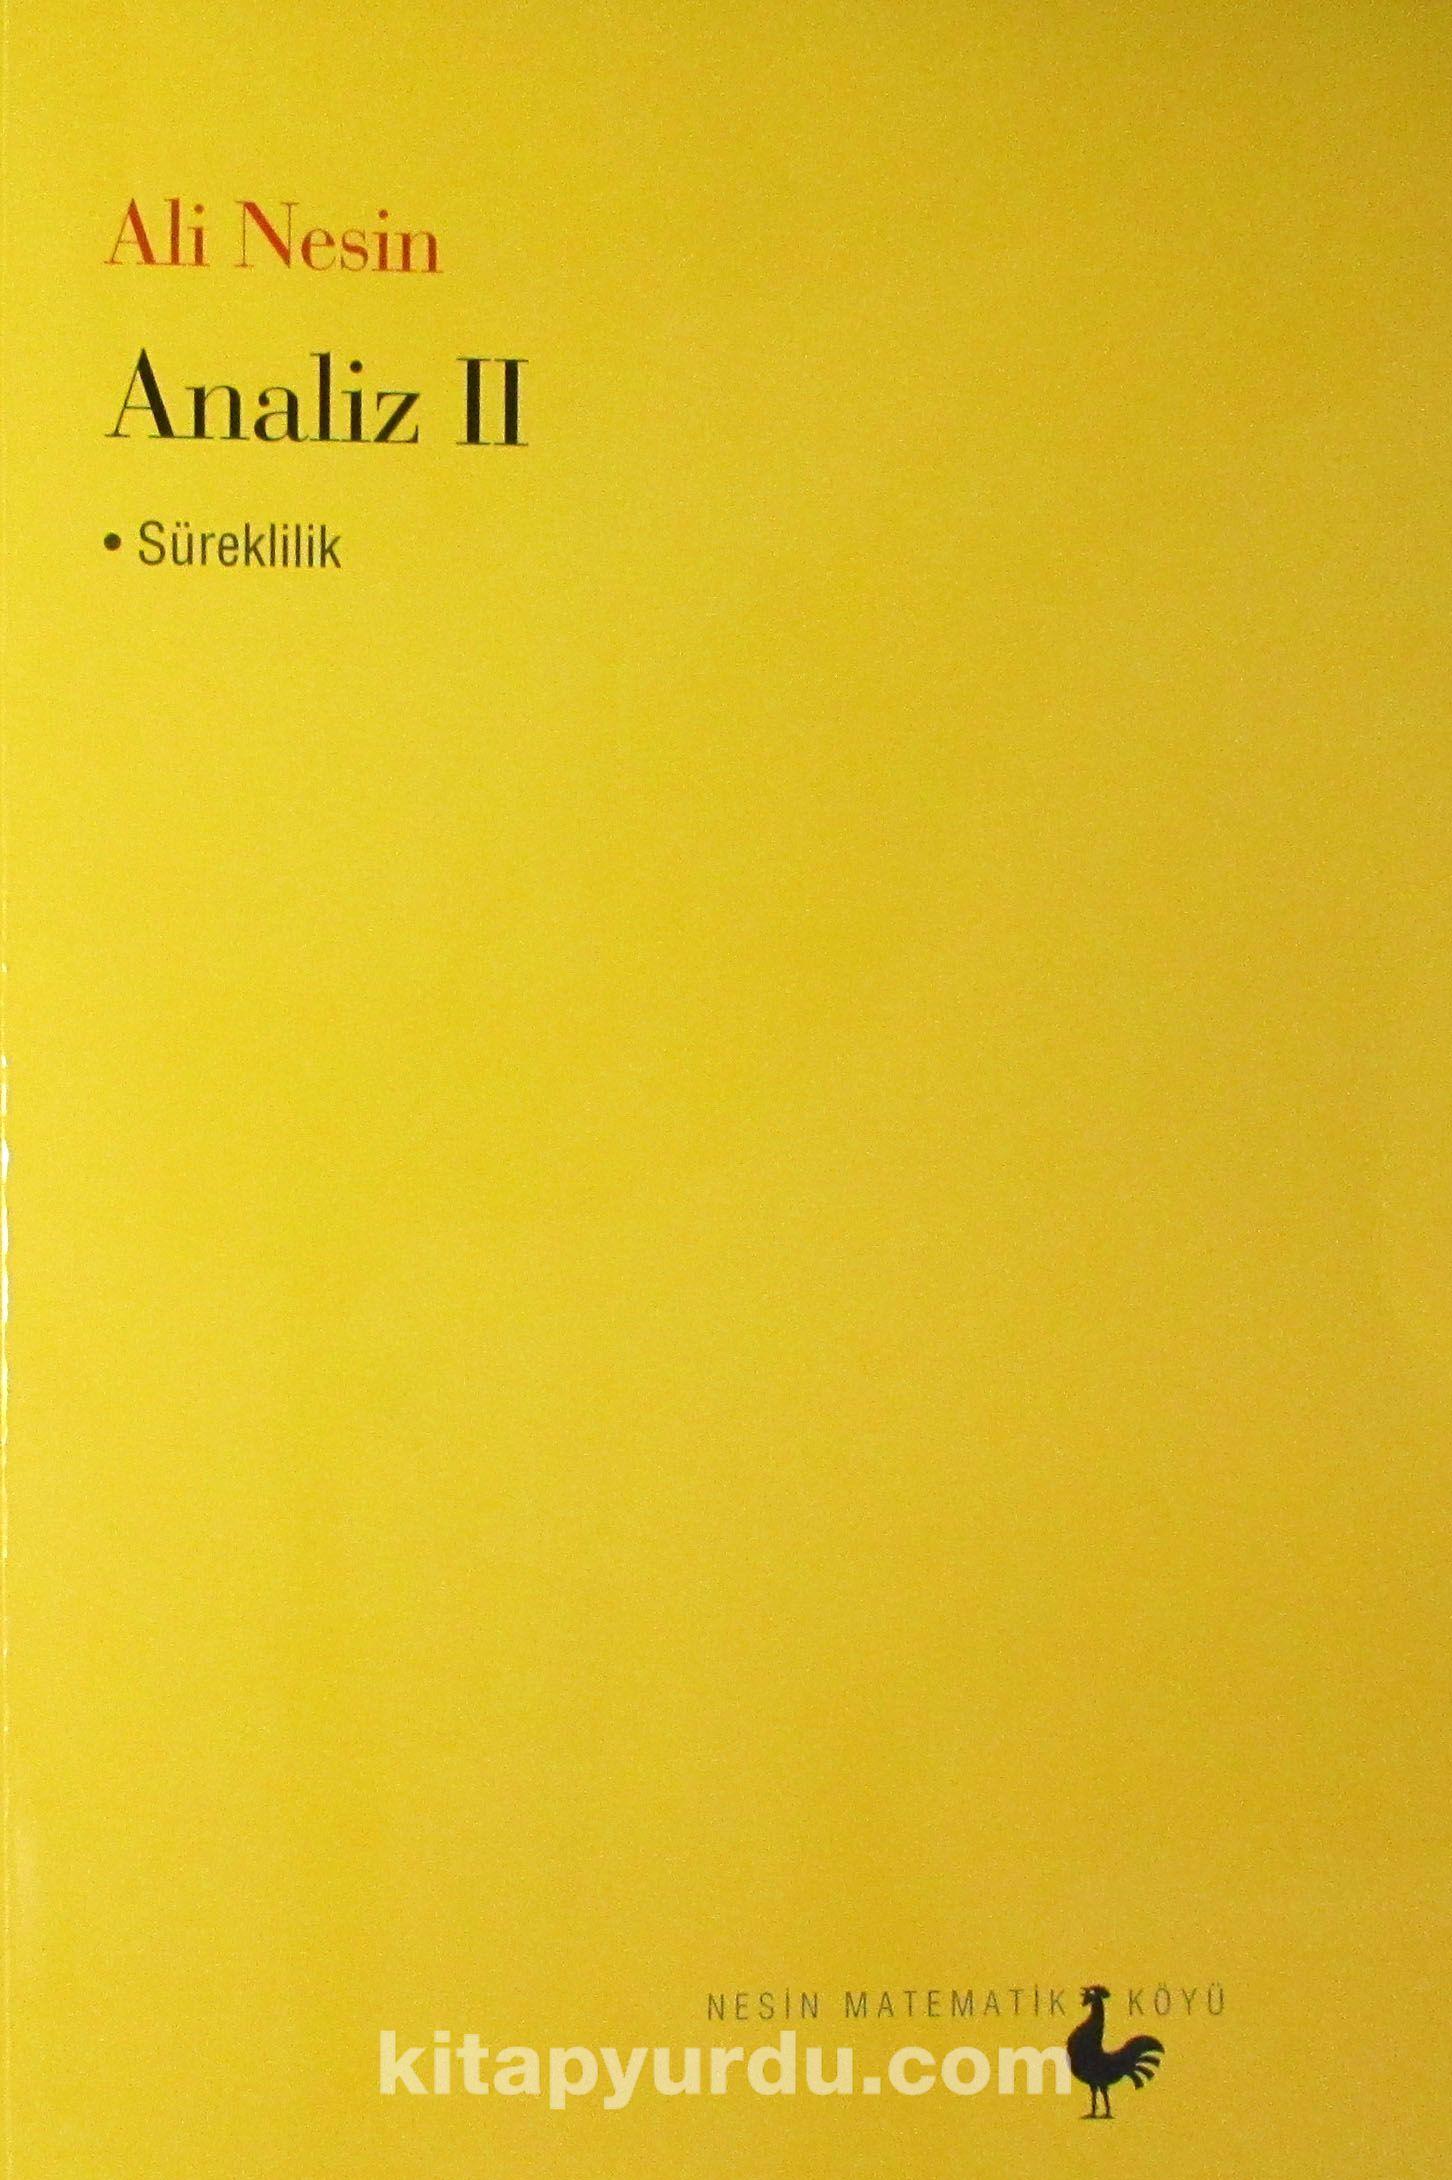 Analiz II - Süreklilik - Ali Nesin pdf epub